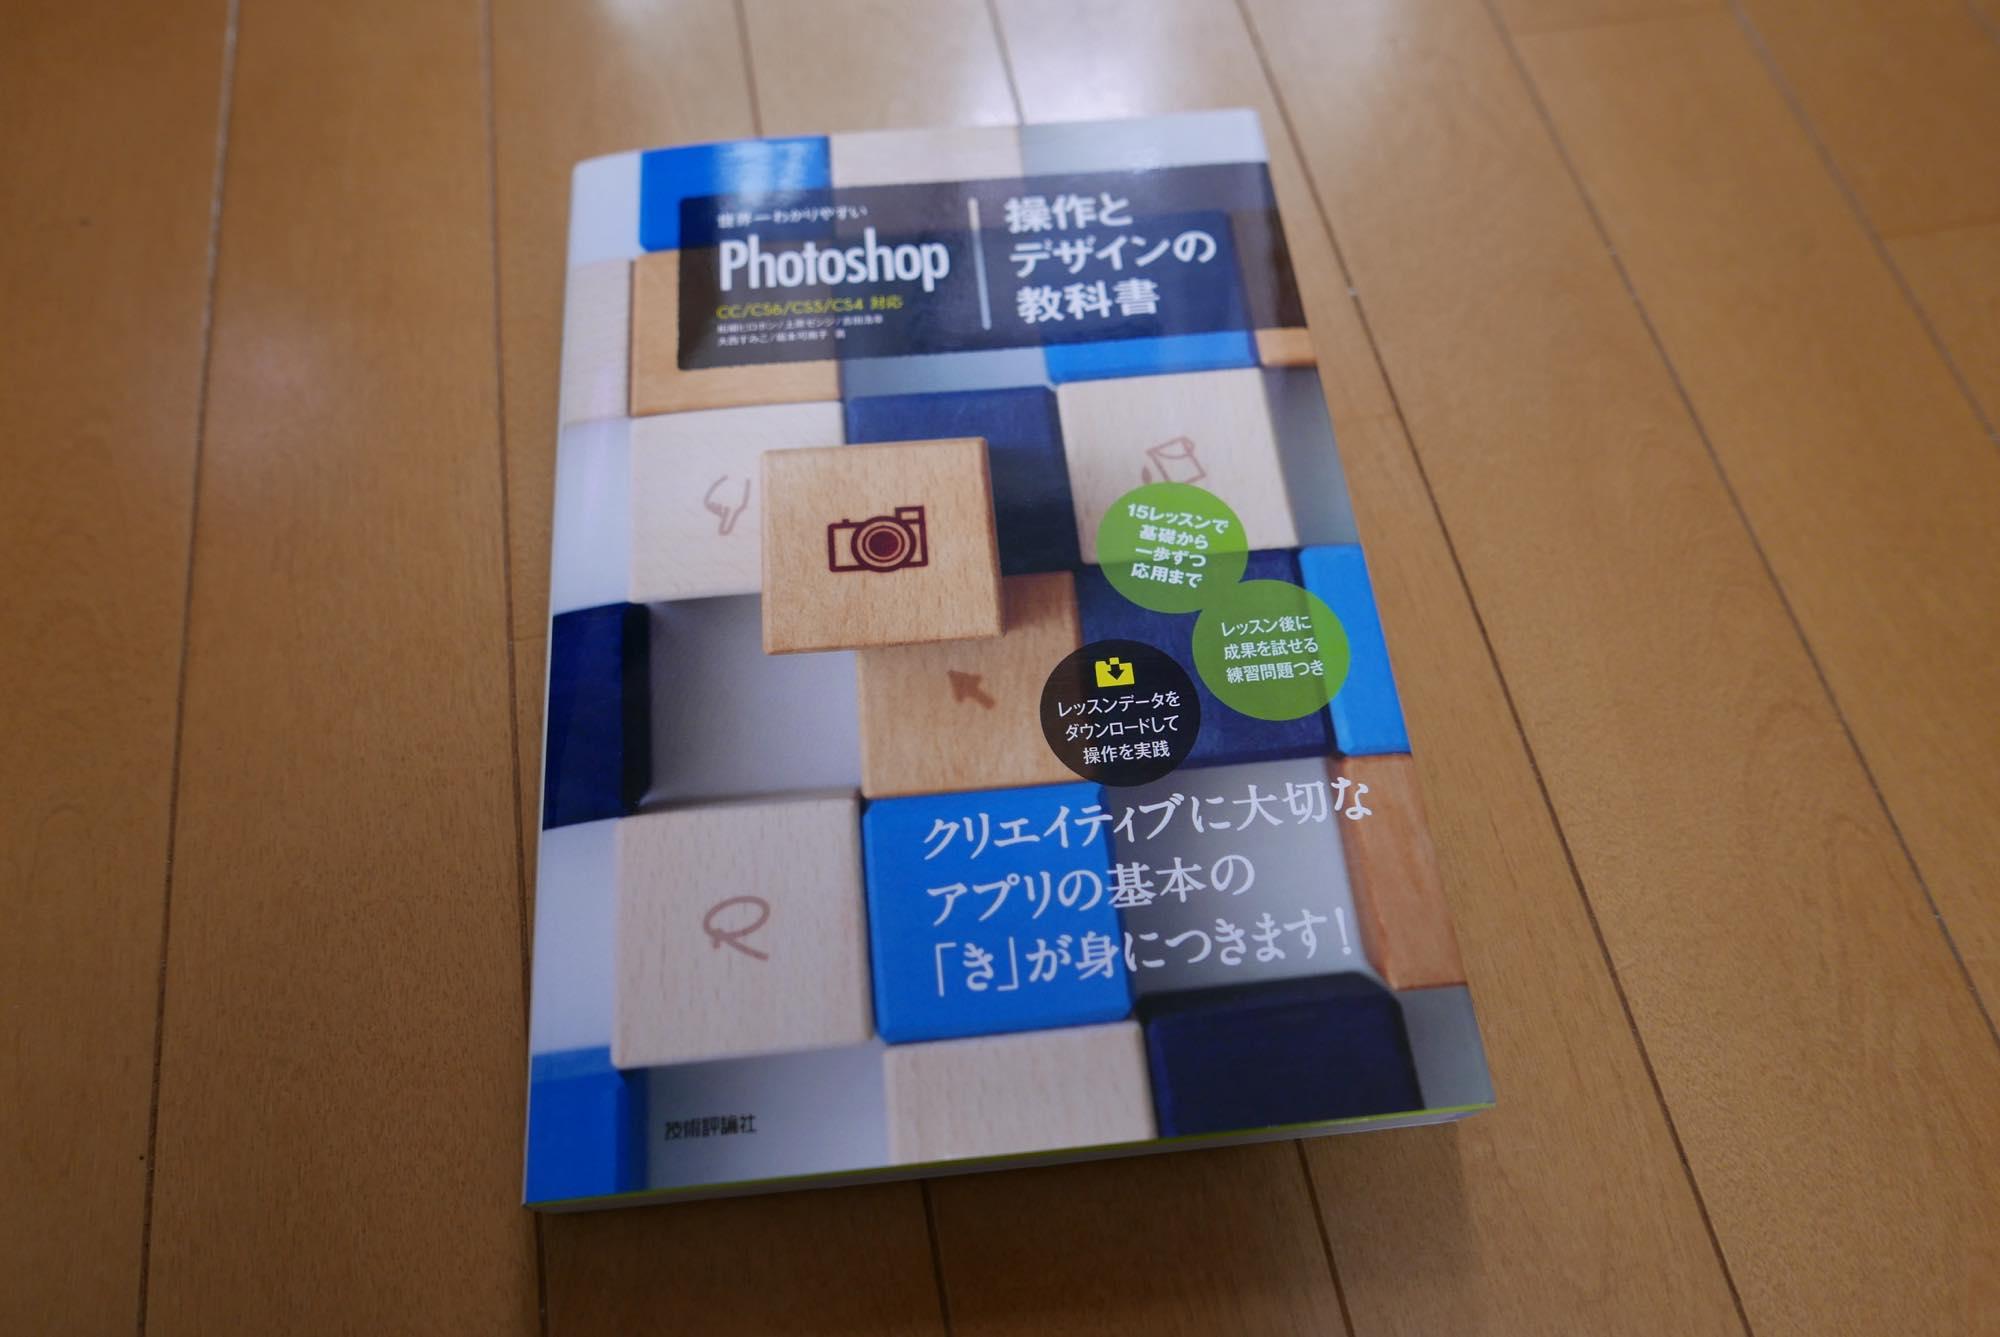 世界一わかりやすいPhotoshop 操作とデザインの教科書